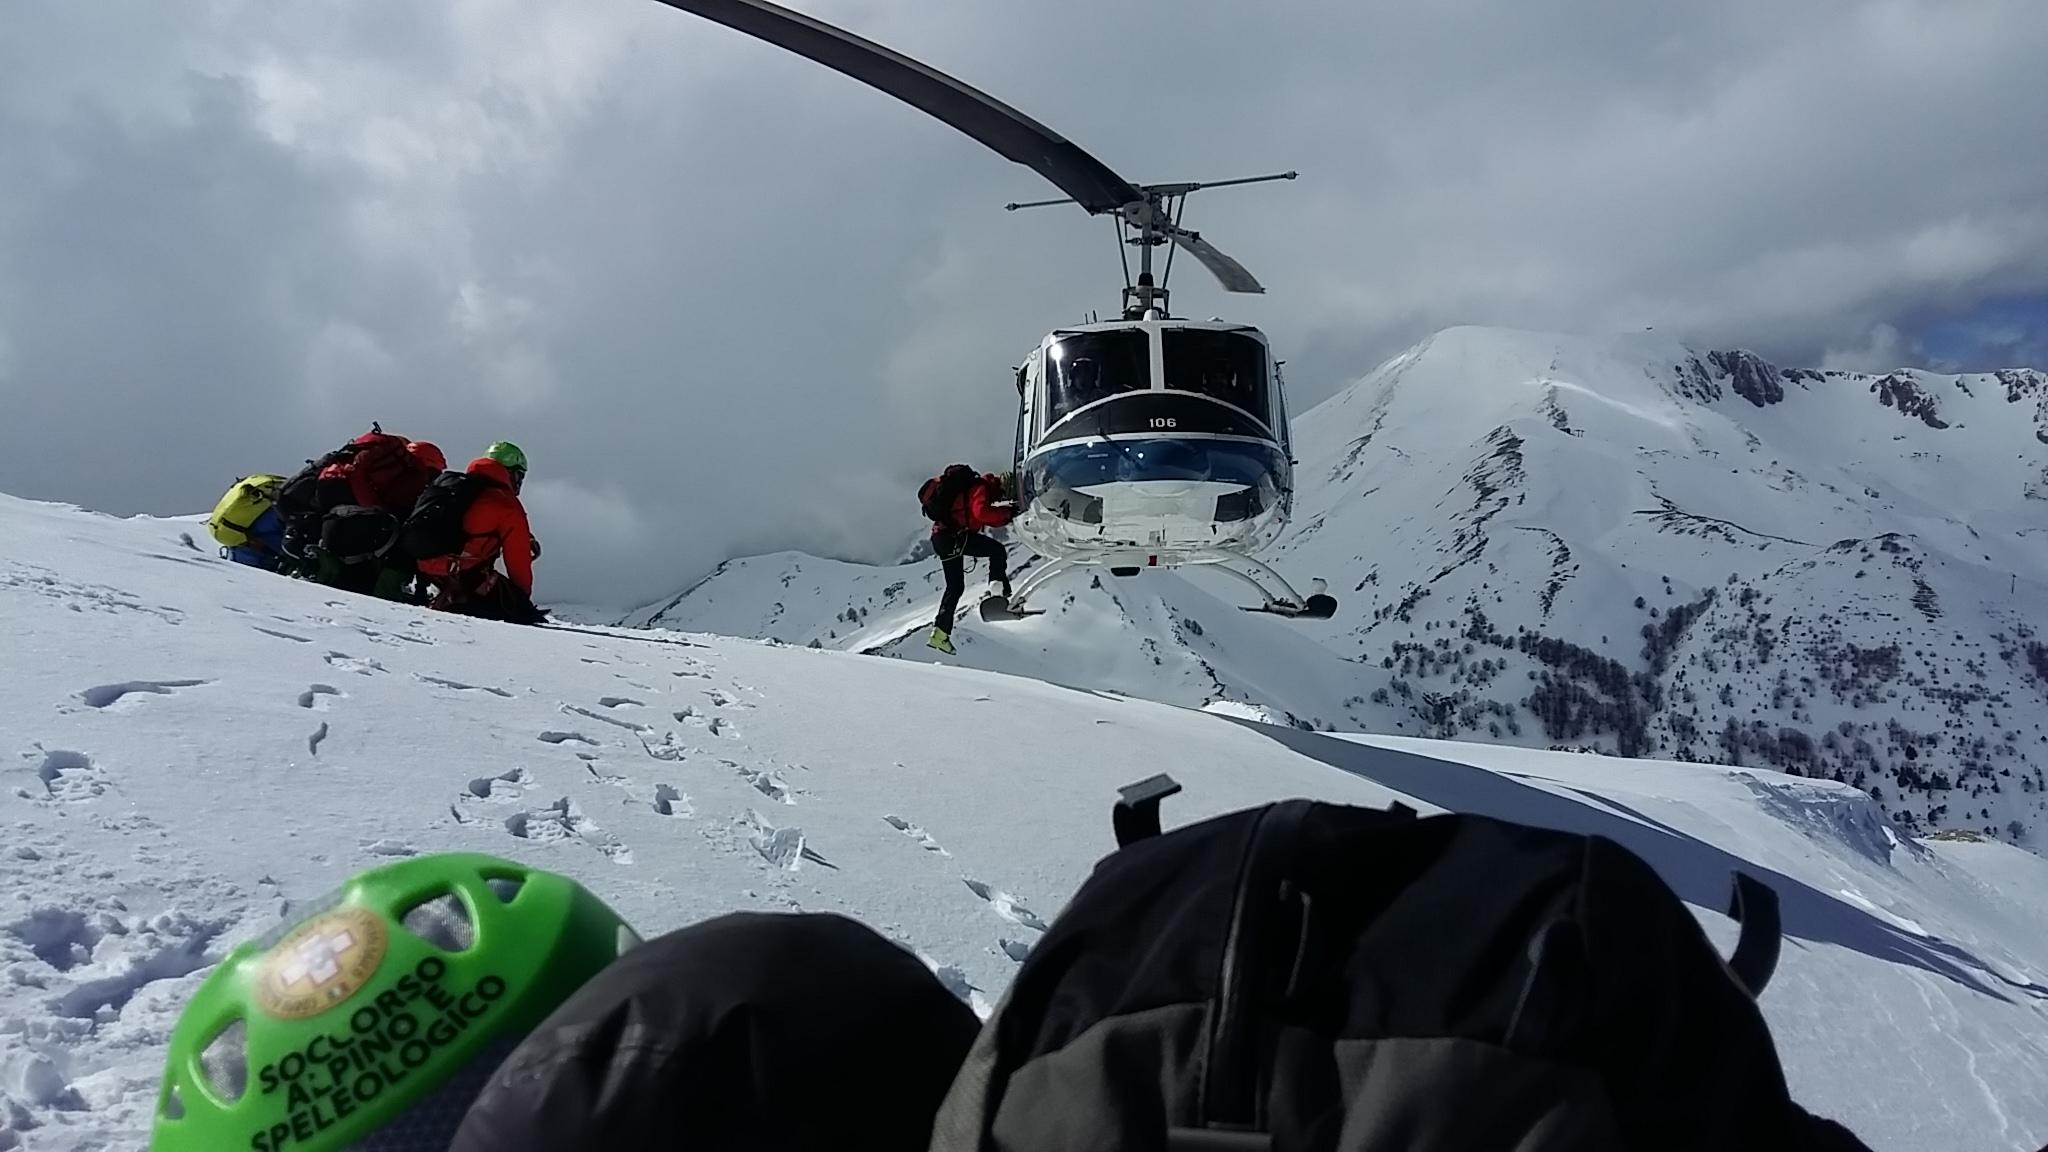 L Elicottero Arra Pdf : Soccorso in alta quota azione un elicottero della